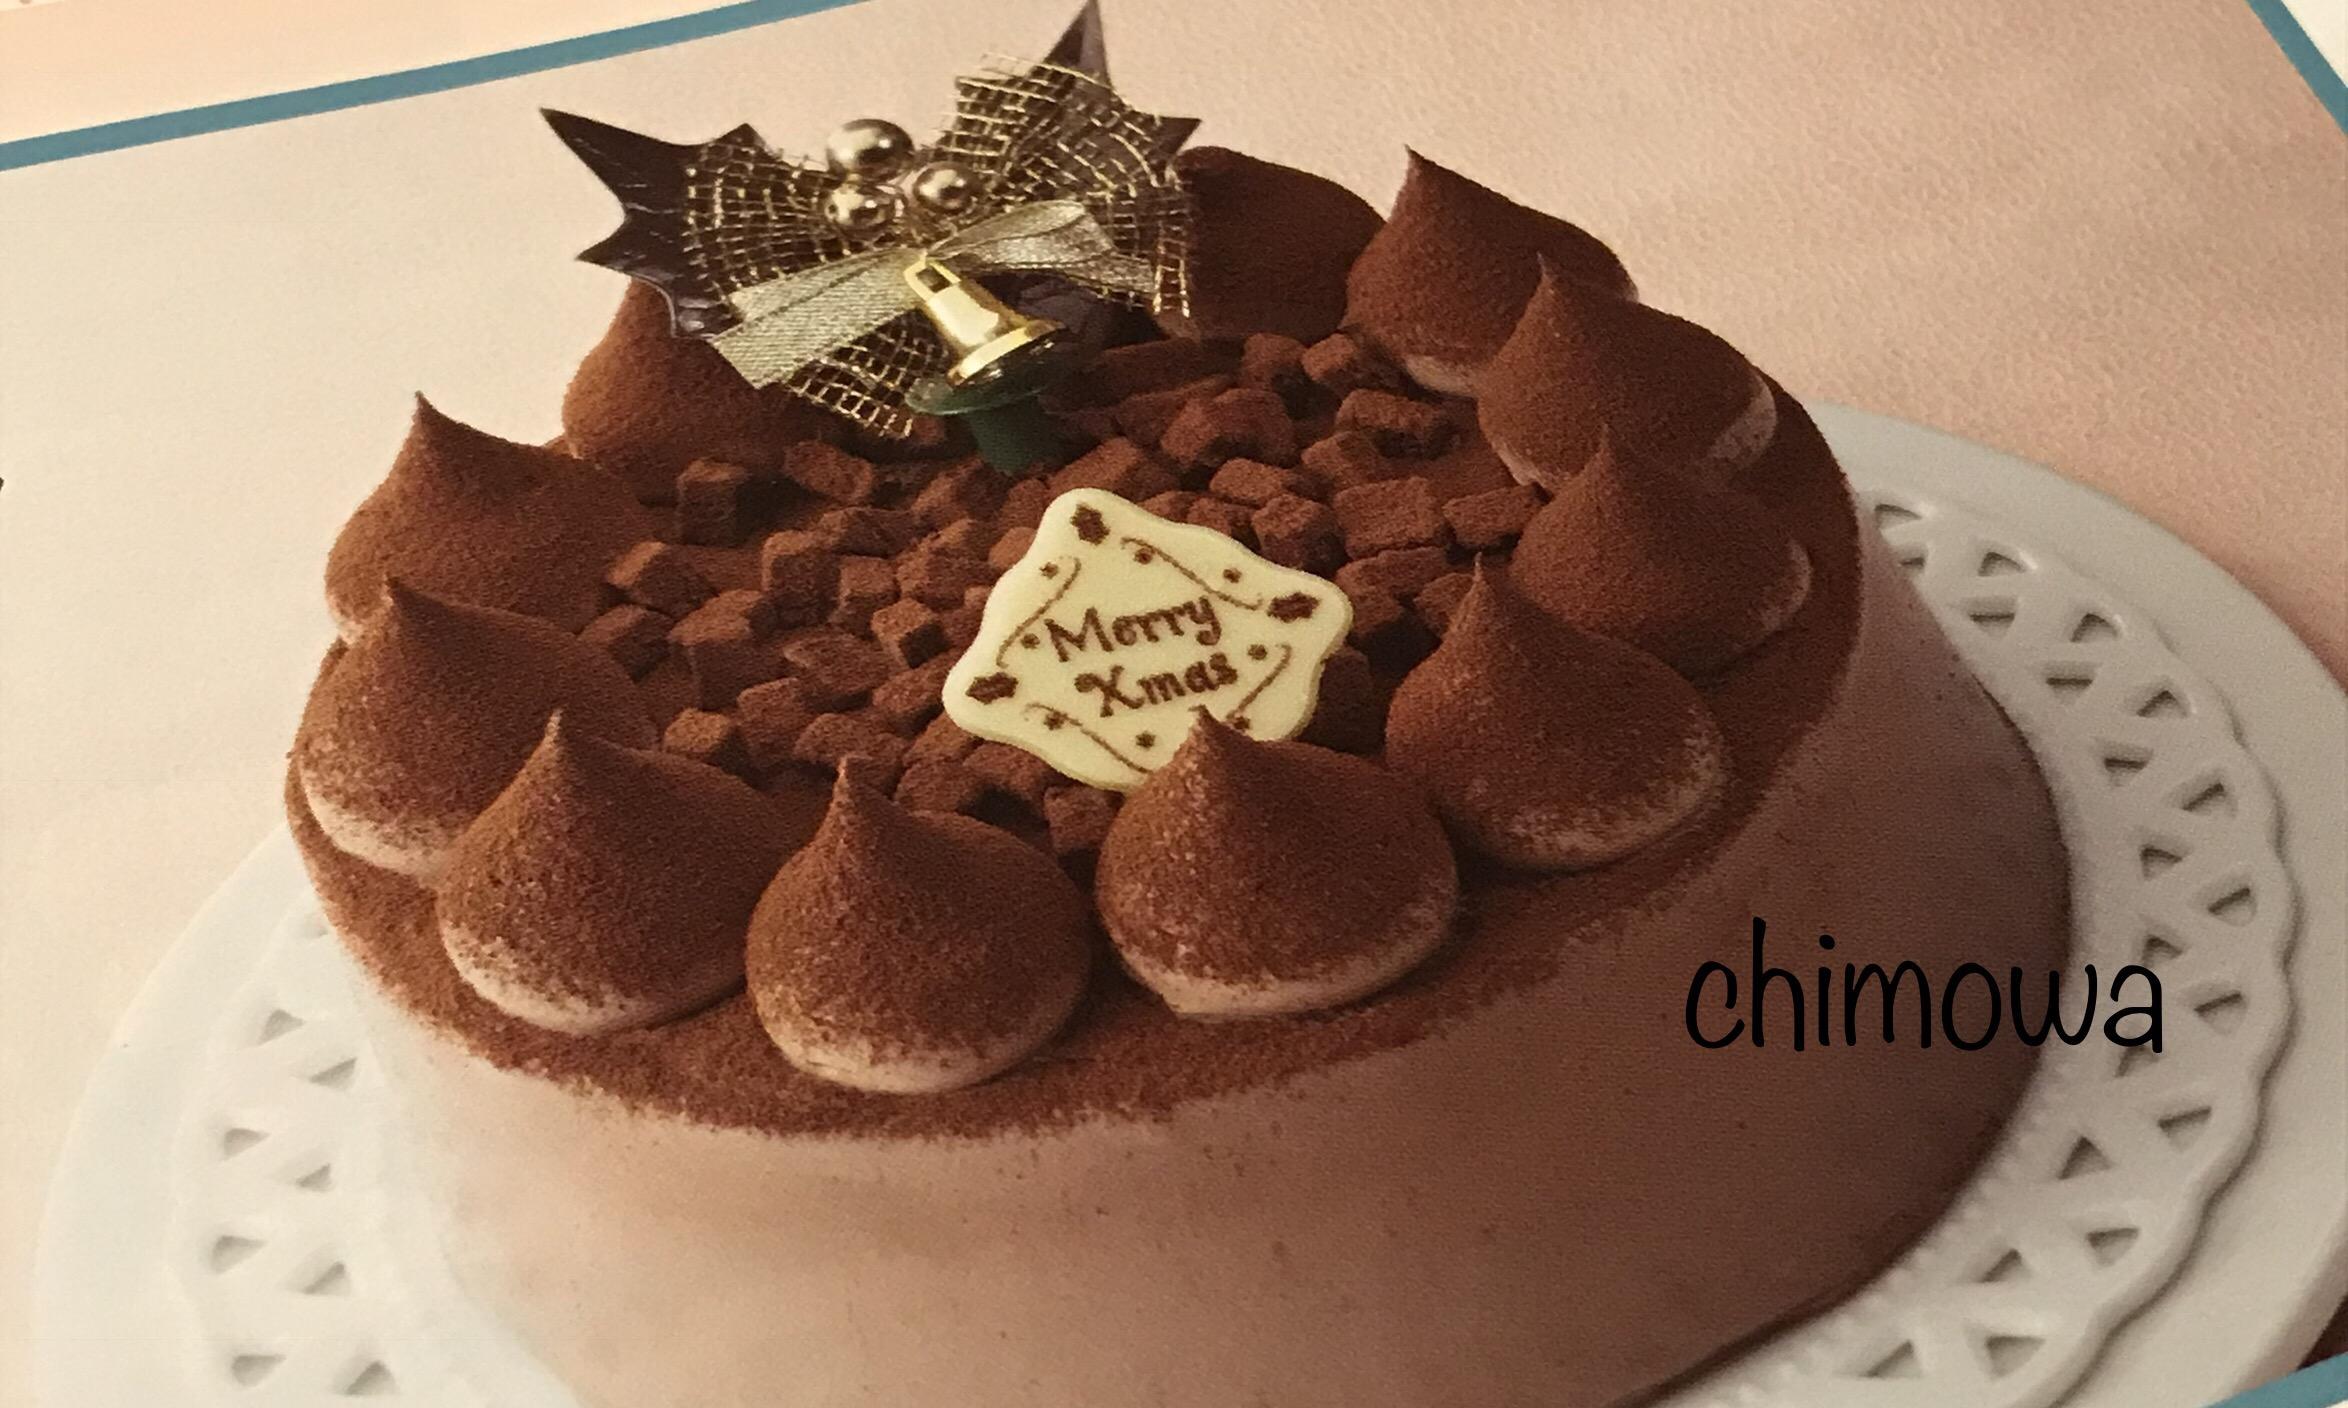 ダイエークリスマスカタログよりオリジナルケーキ ガトーショコラのページの写真